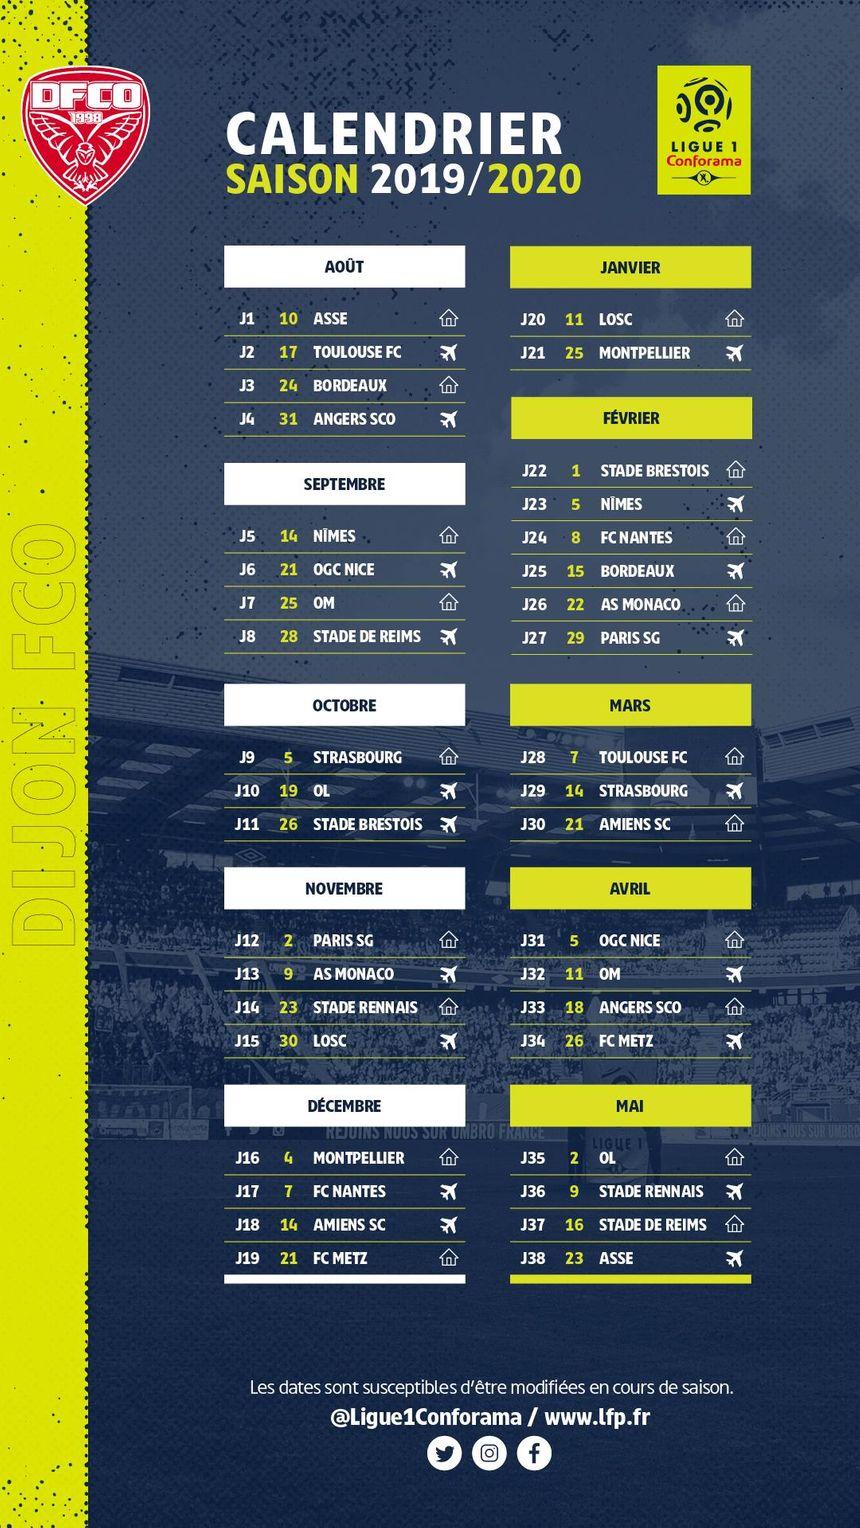 Calendrier Ligue 1 2019 Et 2021 Ligue 1 : découvrez le calendrier du DFCO pour la saison 2019 2020